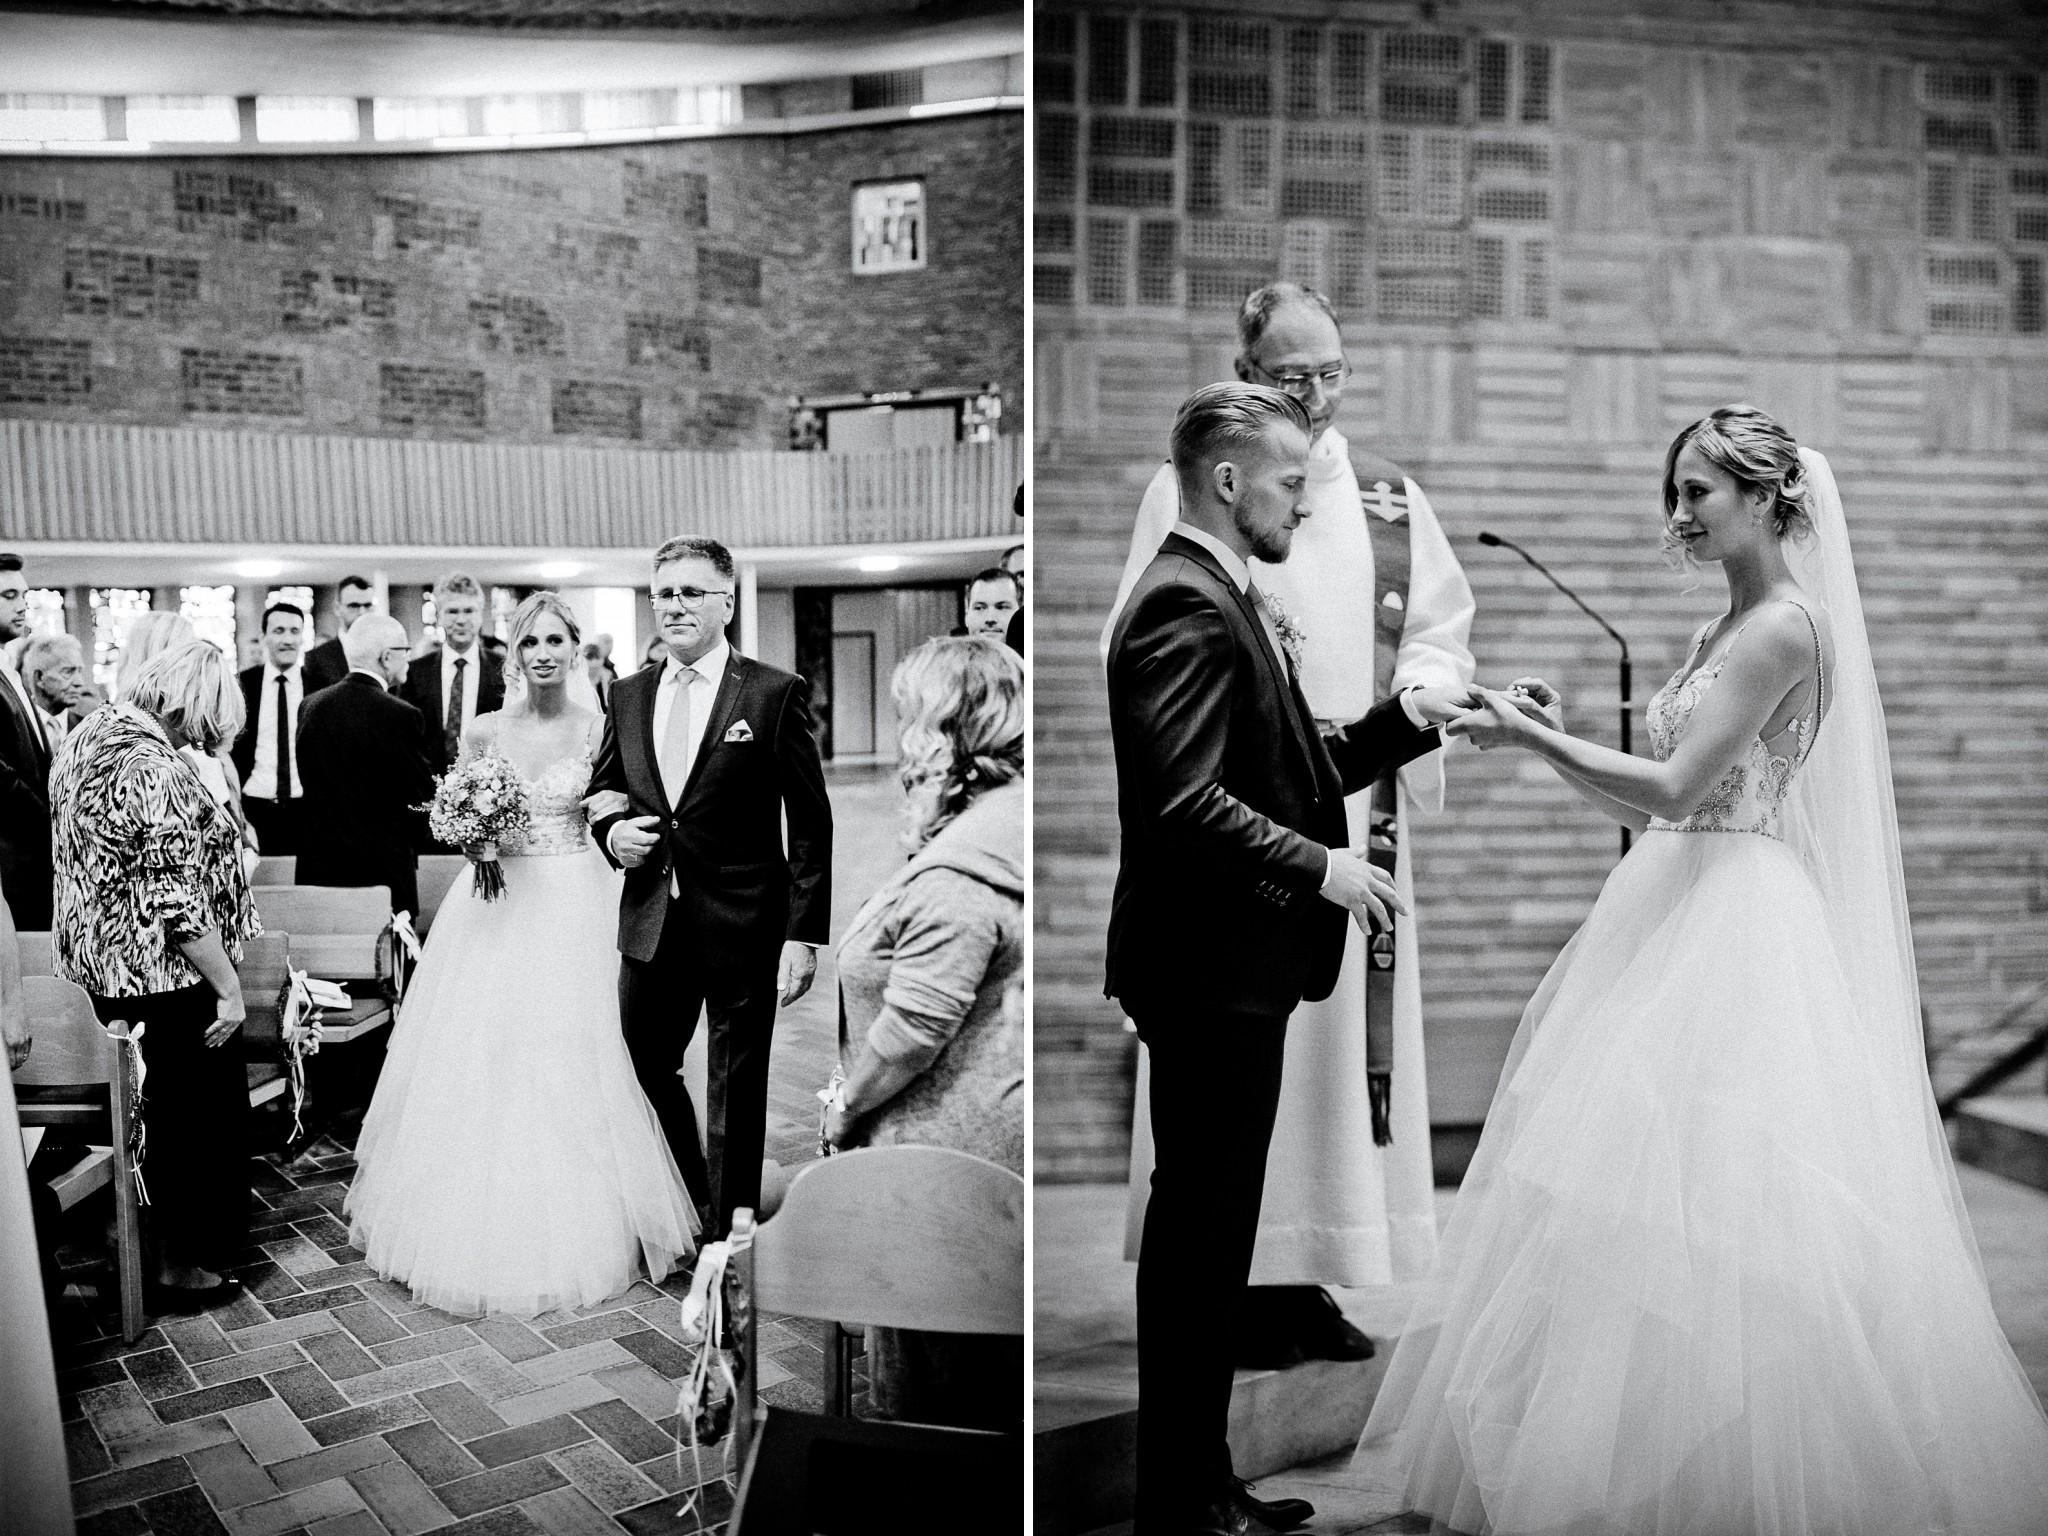 Scheunenhochzeit_Hochzeitsfotograf Hermann Damm